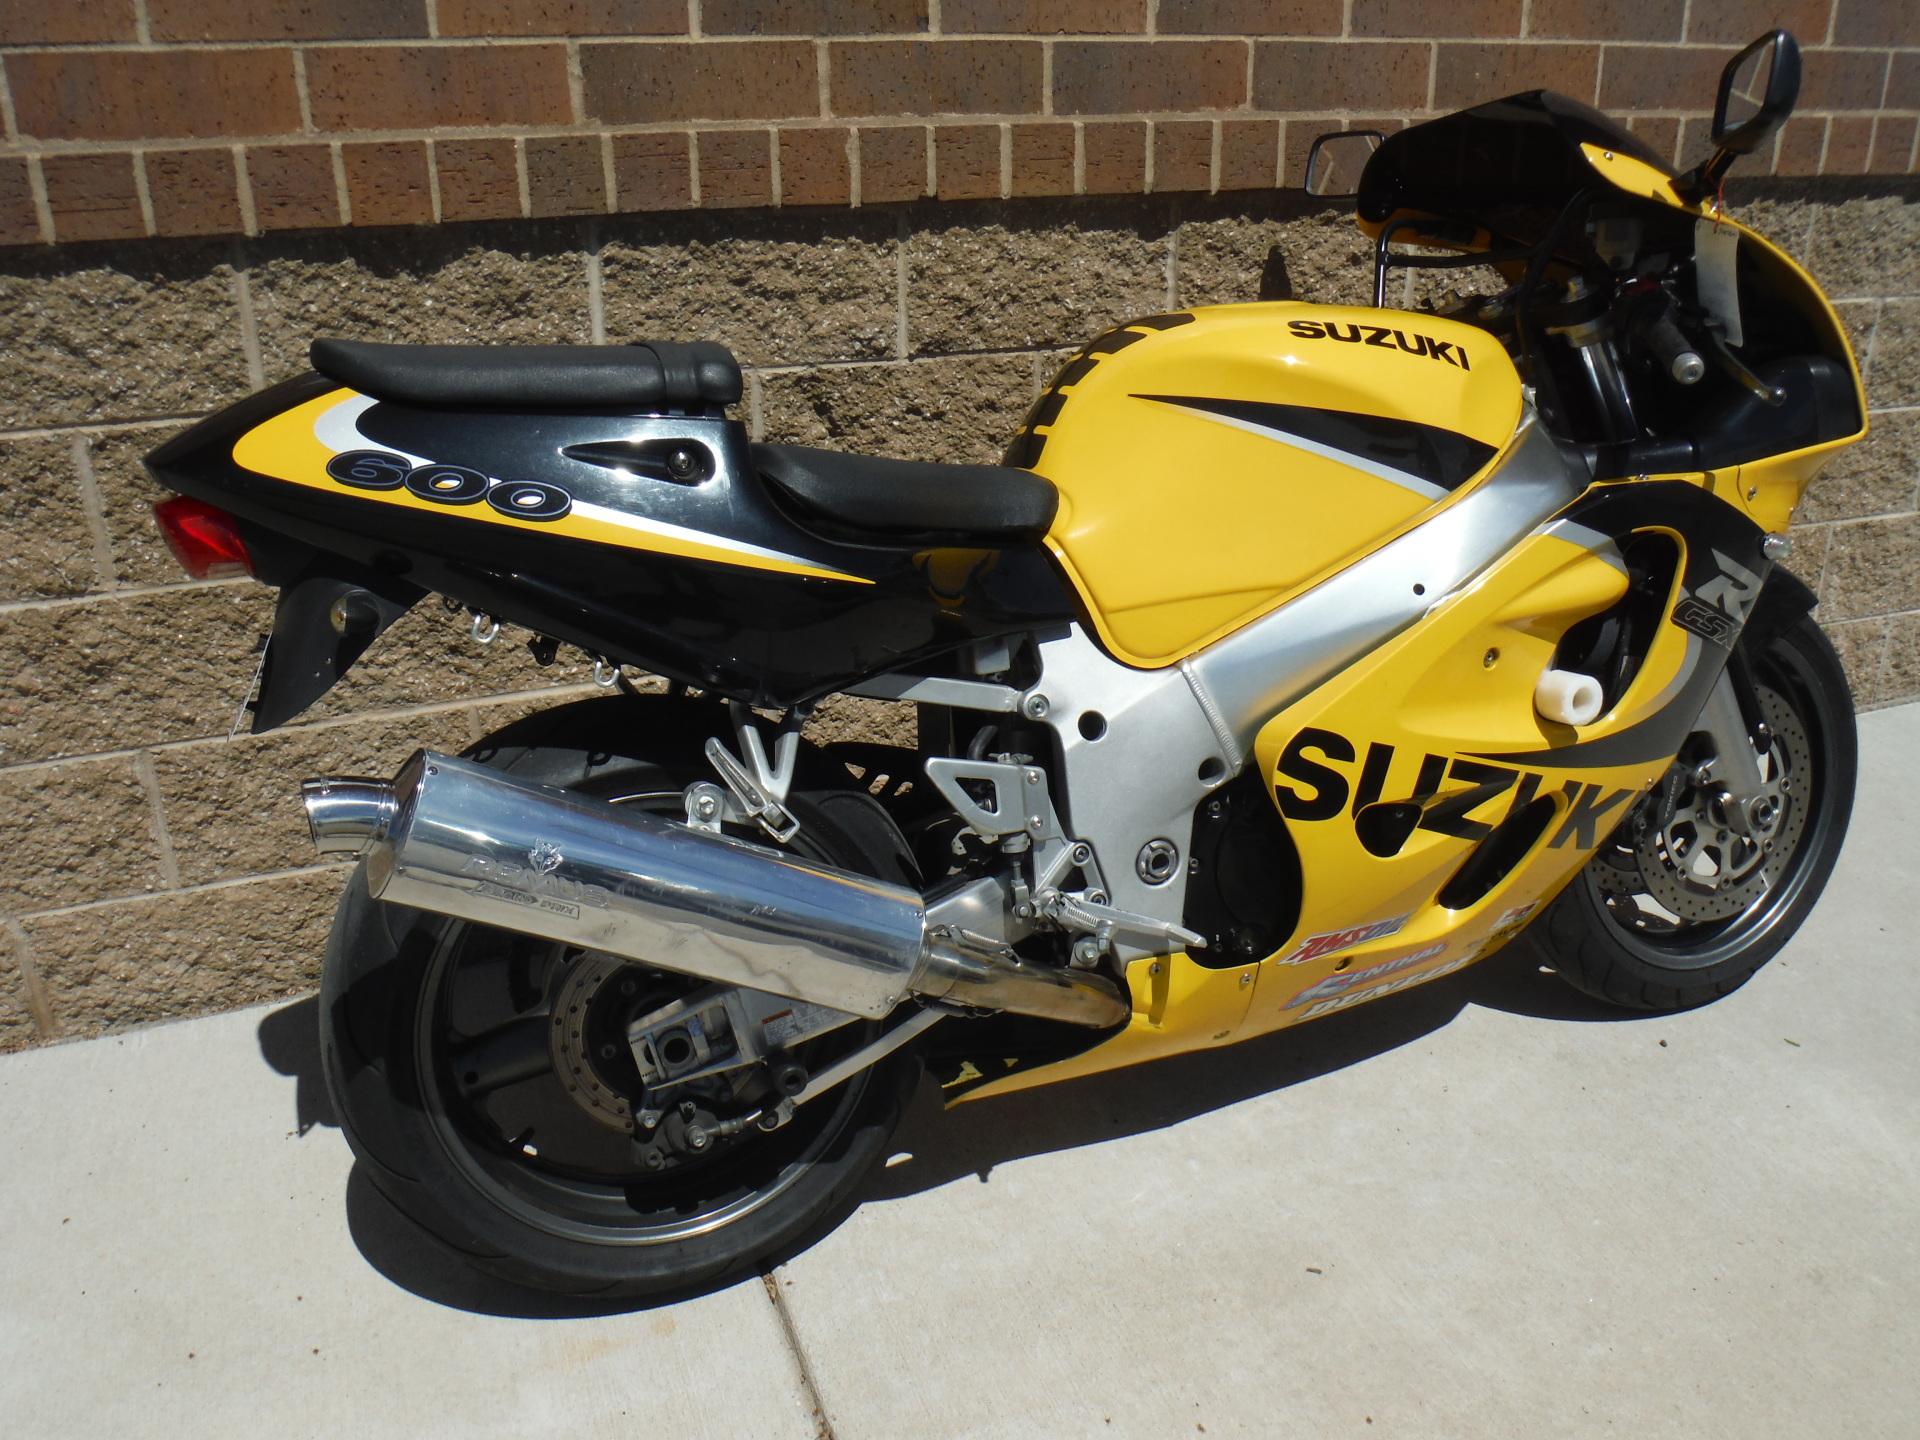 1999 Suzuki GSXR 600